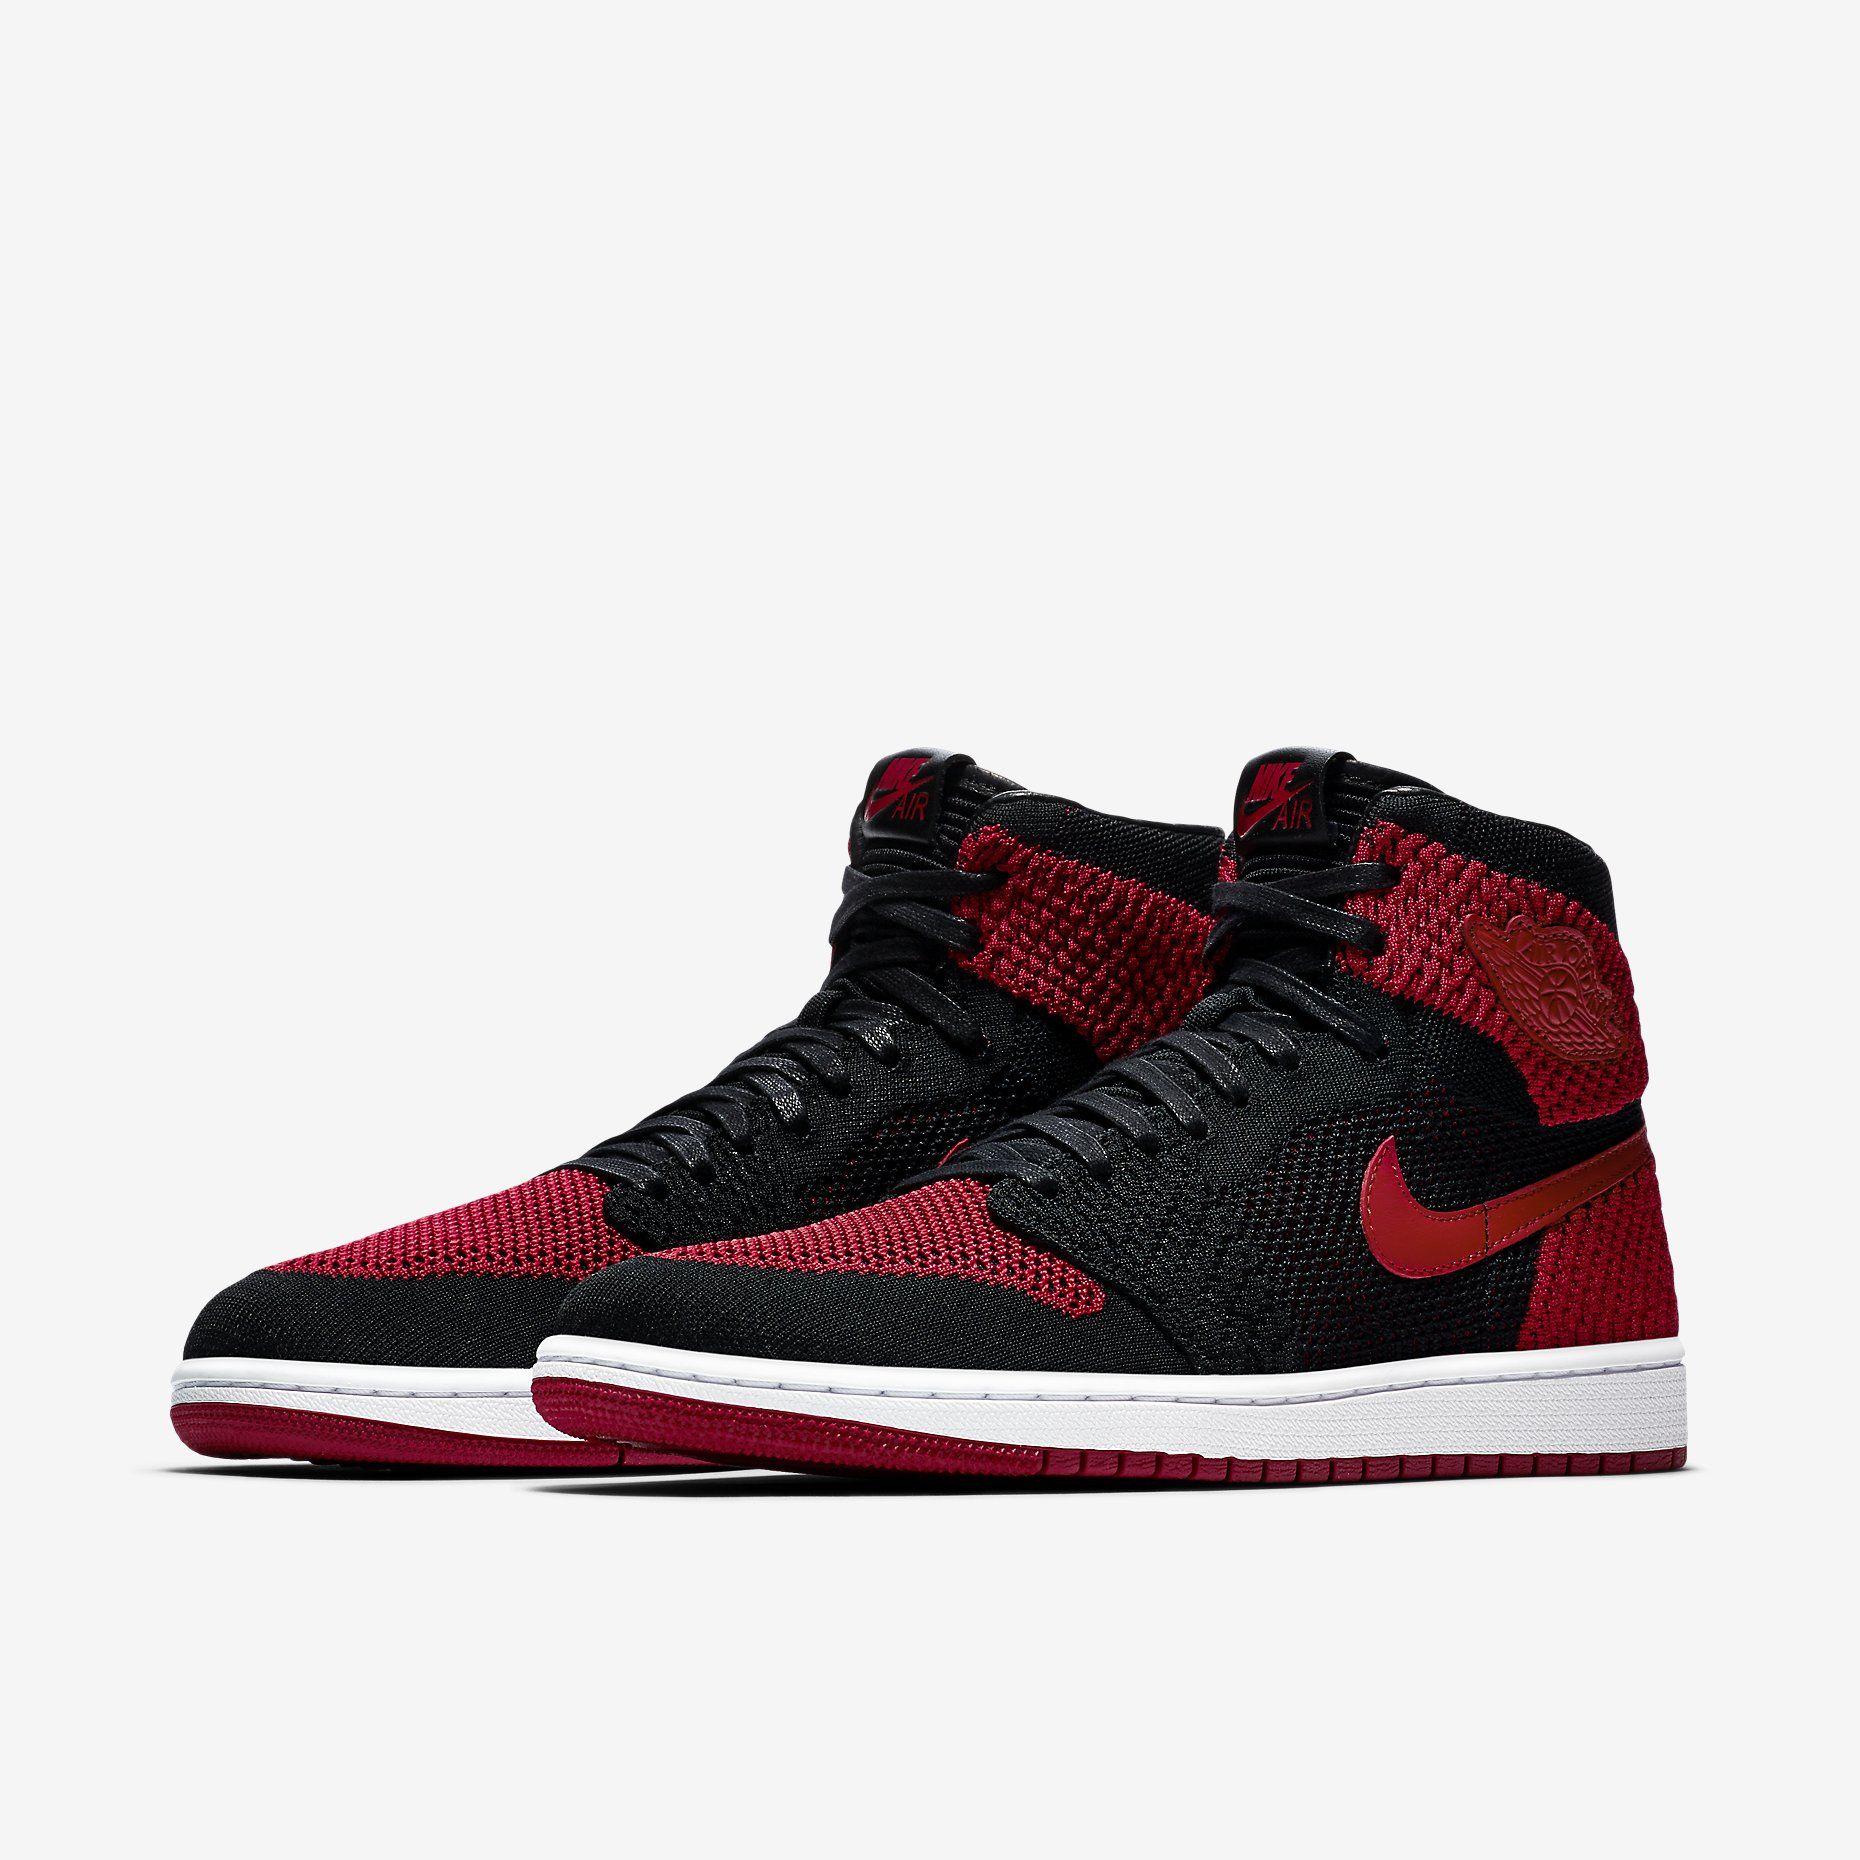 various colors bd72c 301a1 Découvrez toute la collection de chaussures, vêtements et équipements Nike  sur www.nike.com